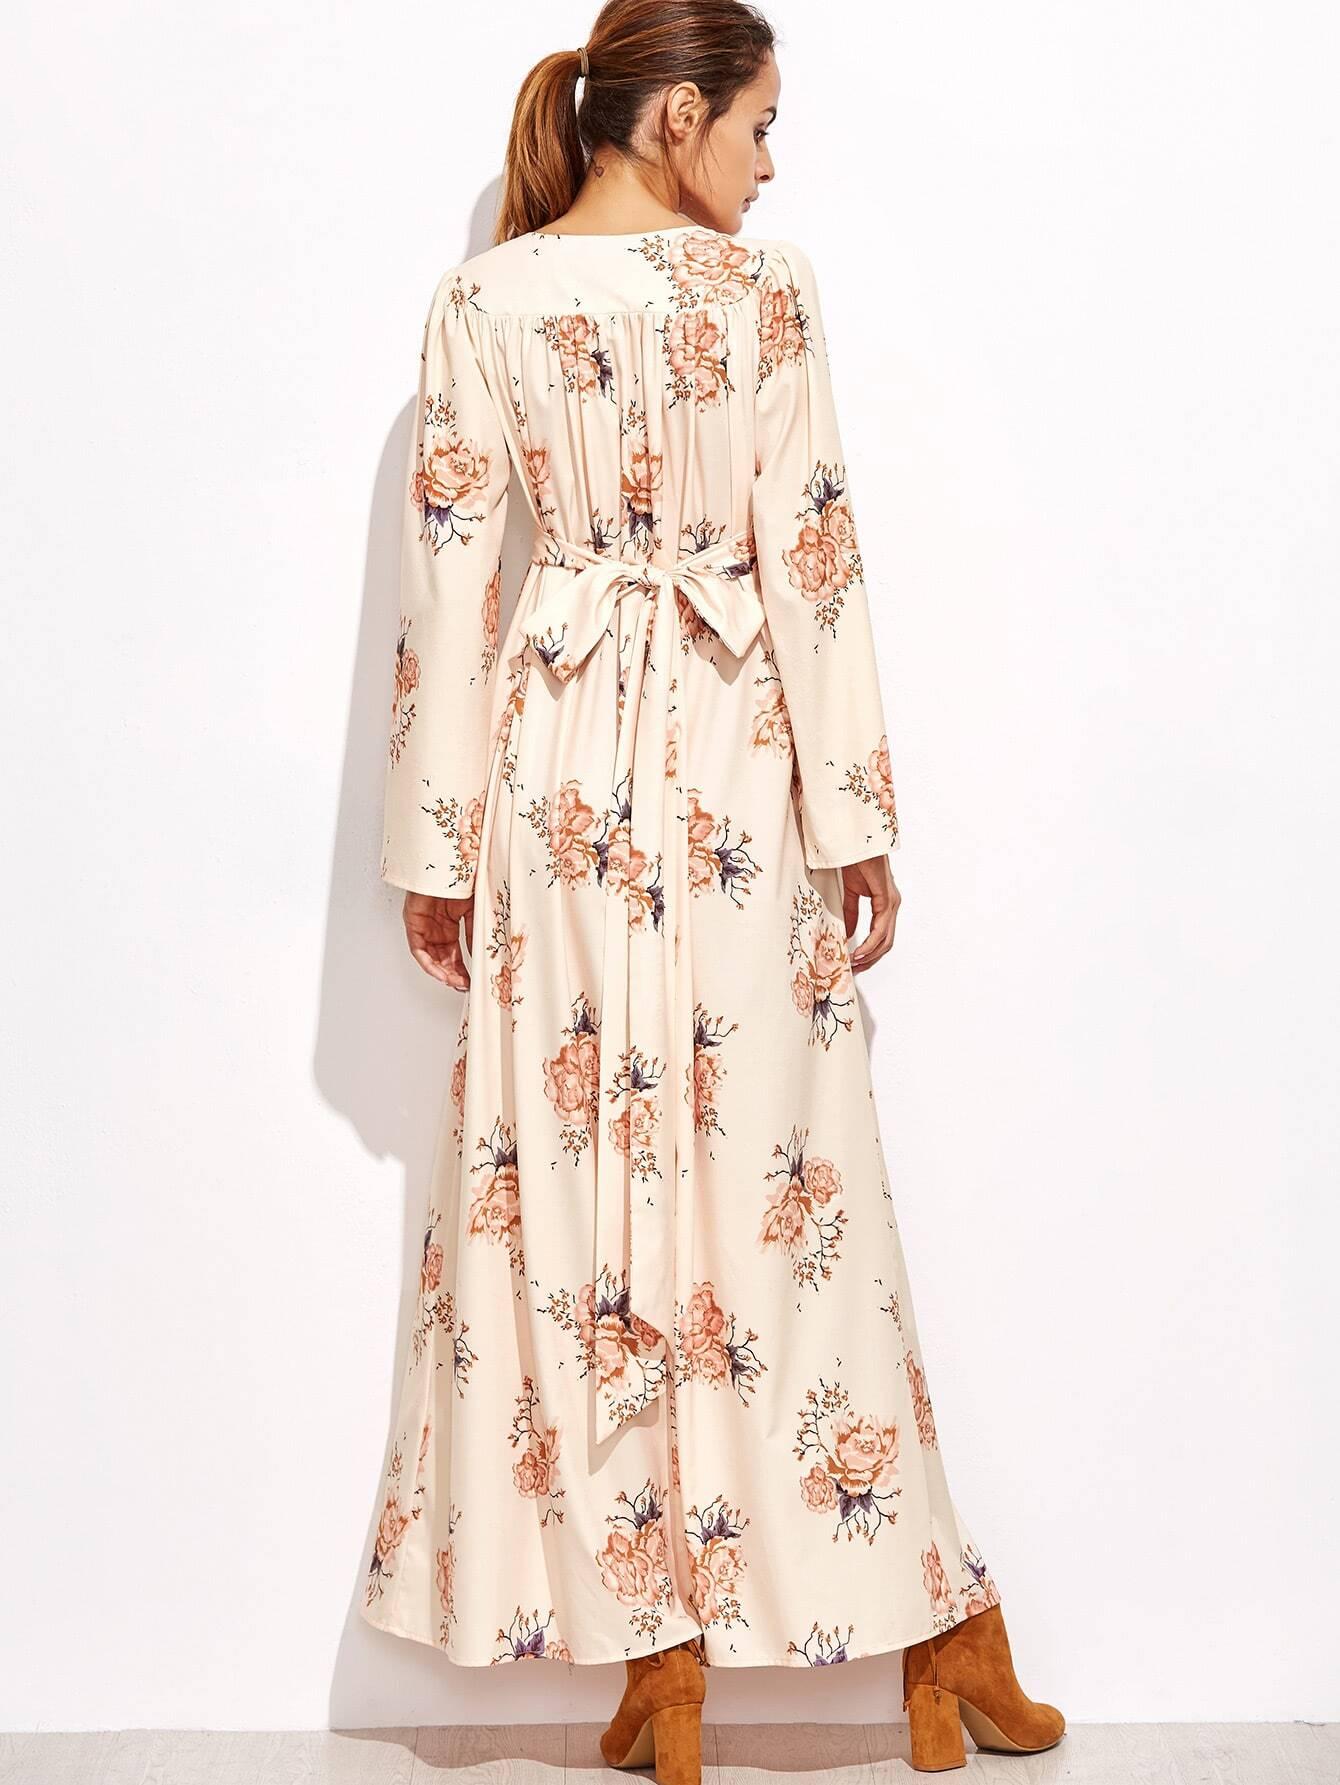 dress161017704_2